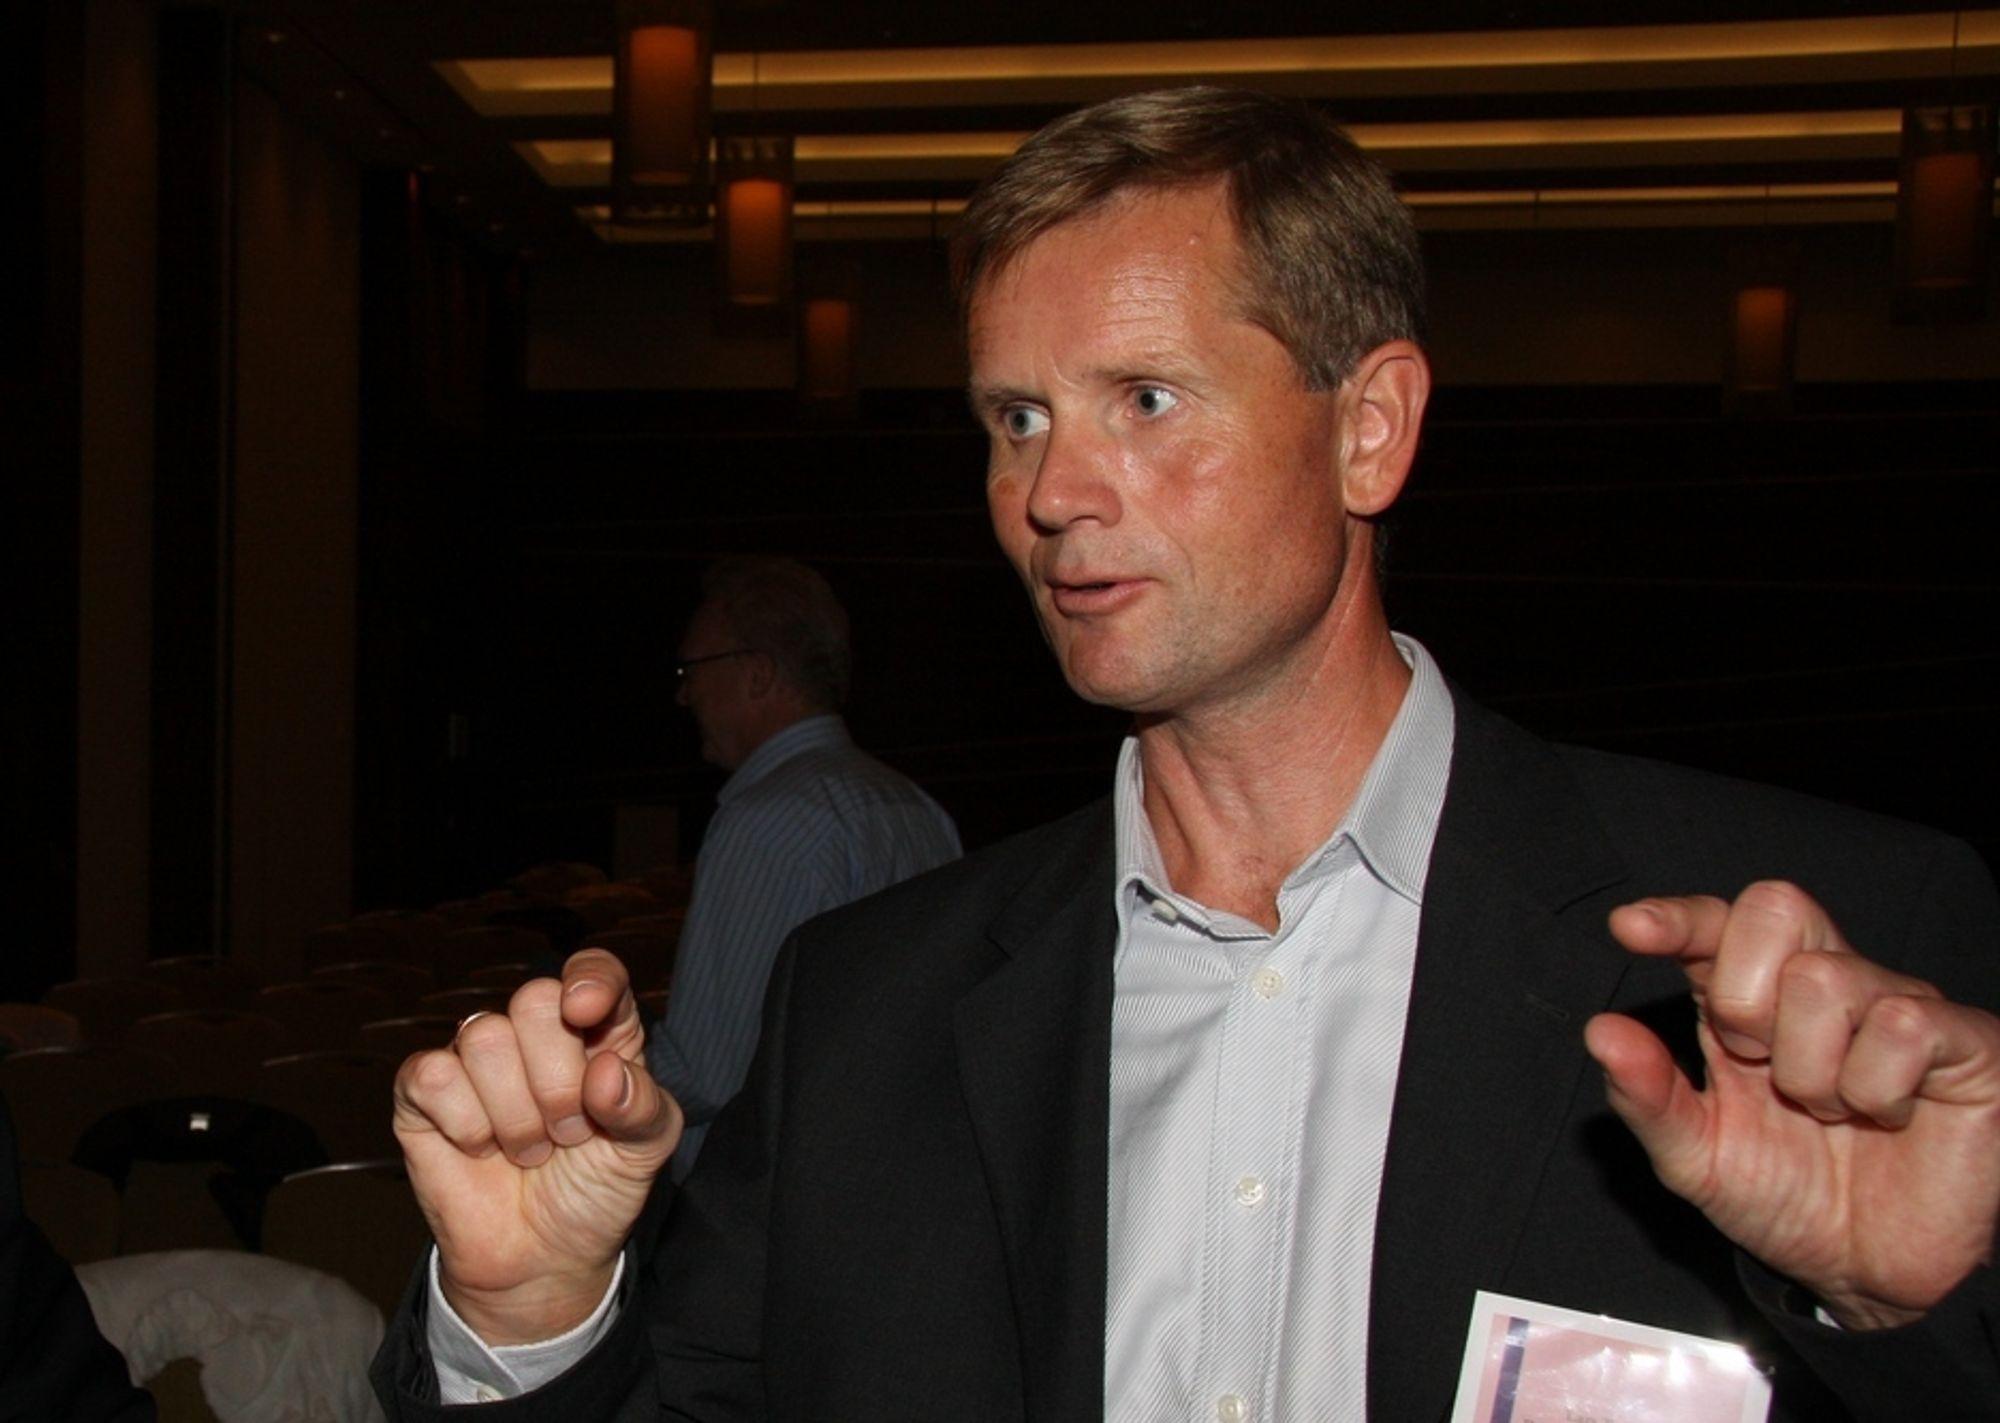 ADVARER: Utviklingsdirektør Lars Tveit i Bergen kommune advarer mot overdreven fokus på teknologi fremfor hva IT skal bidra til å løse.